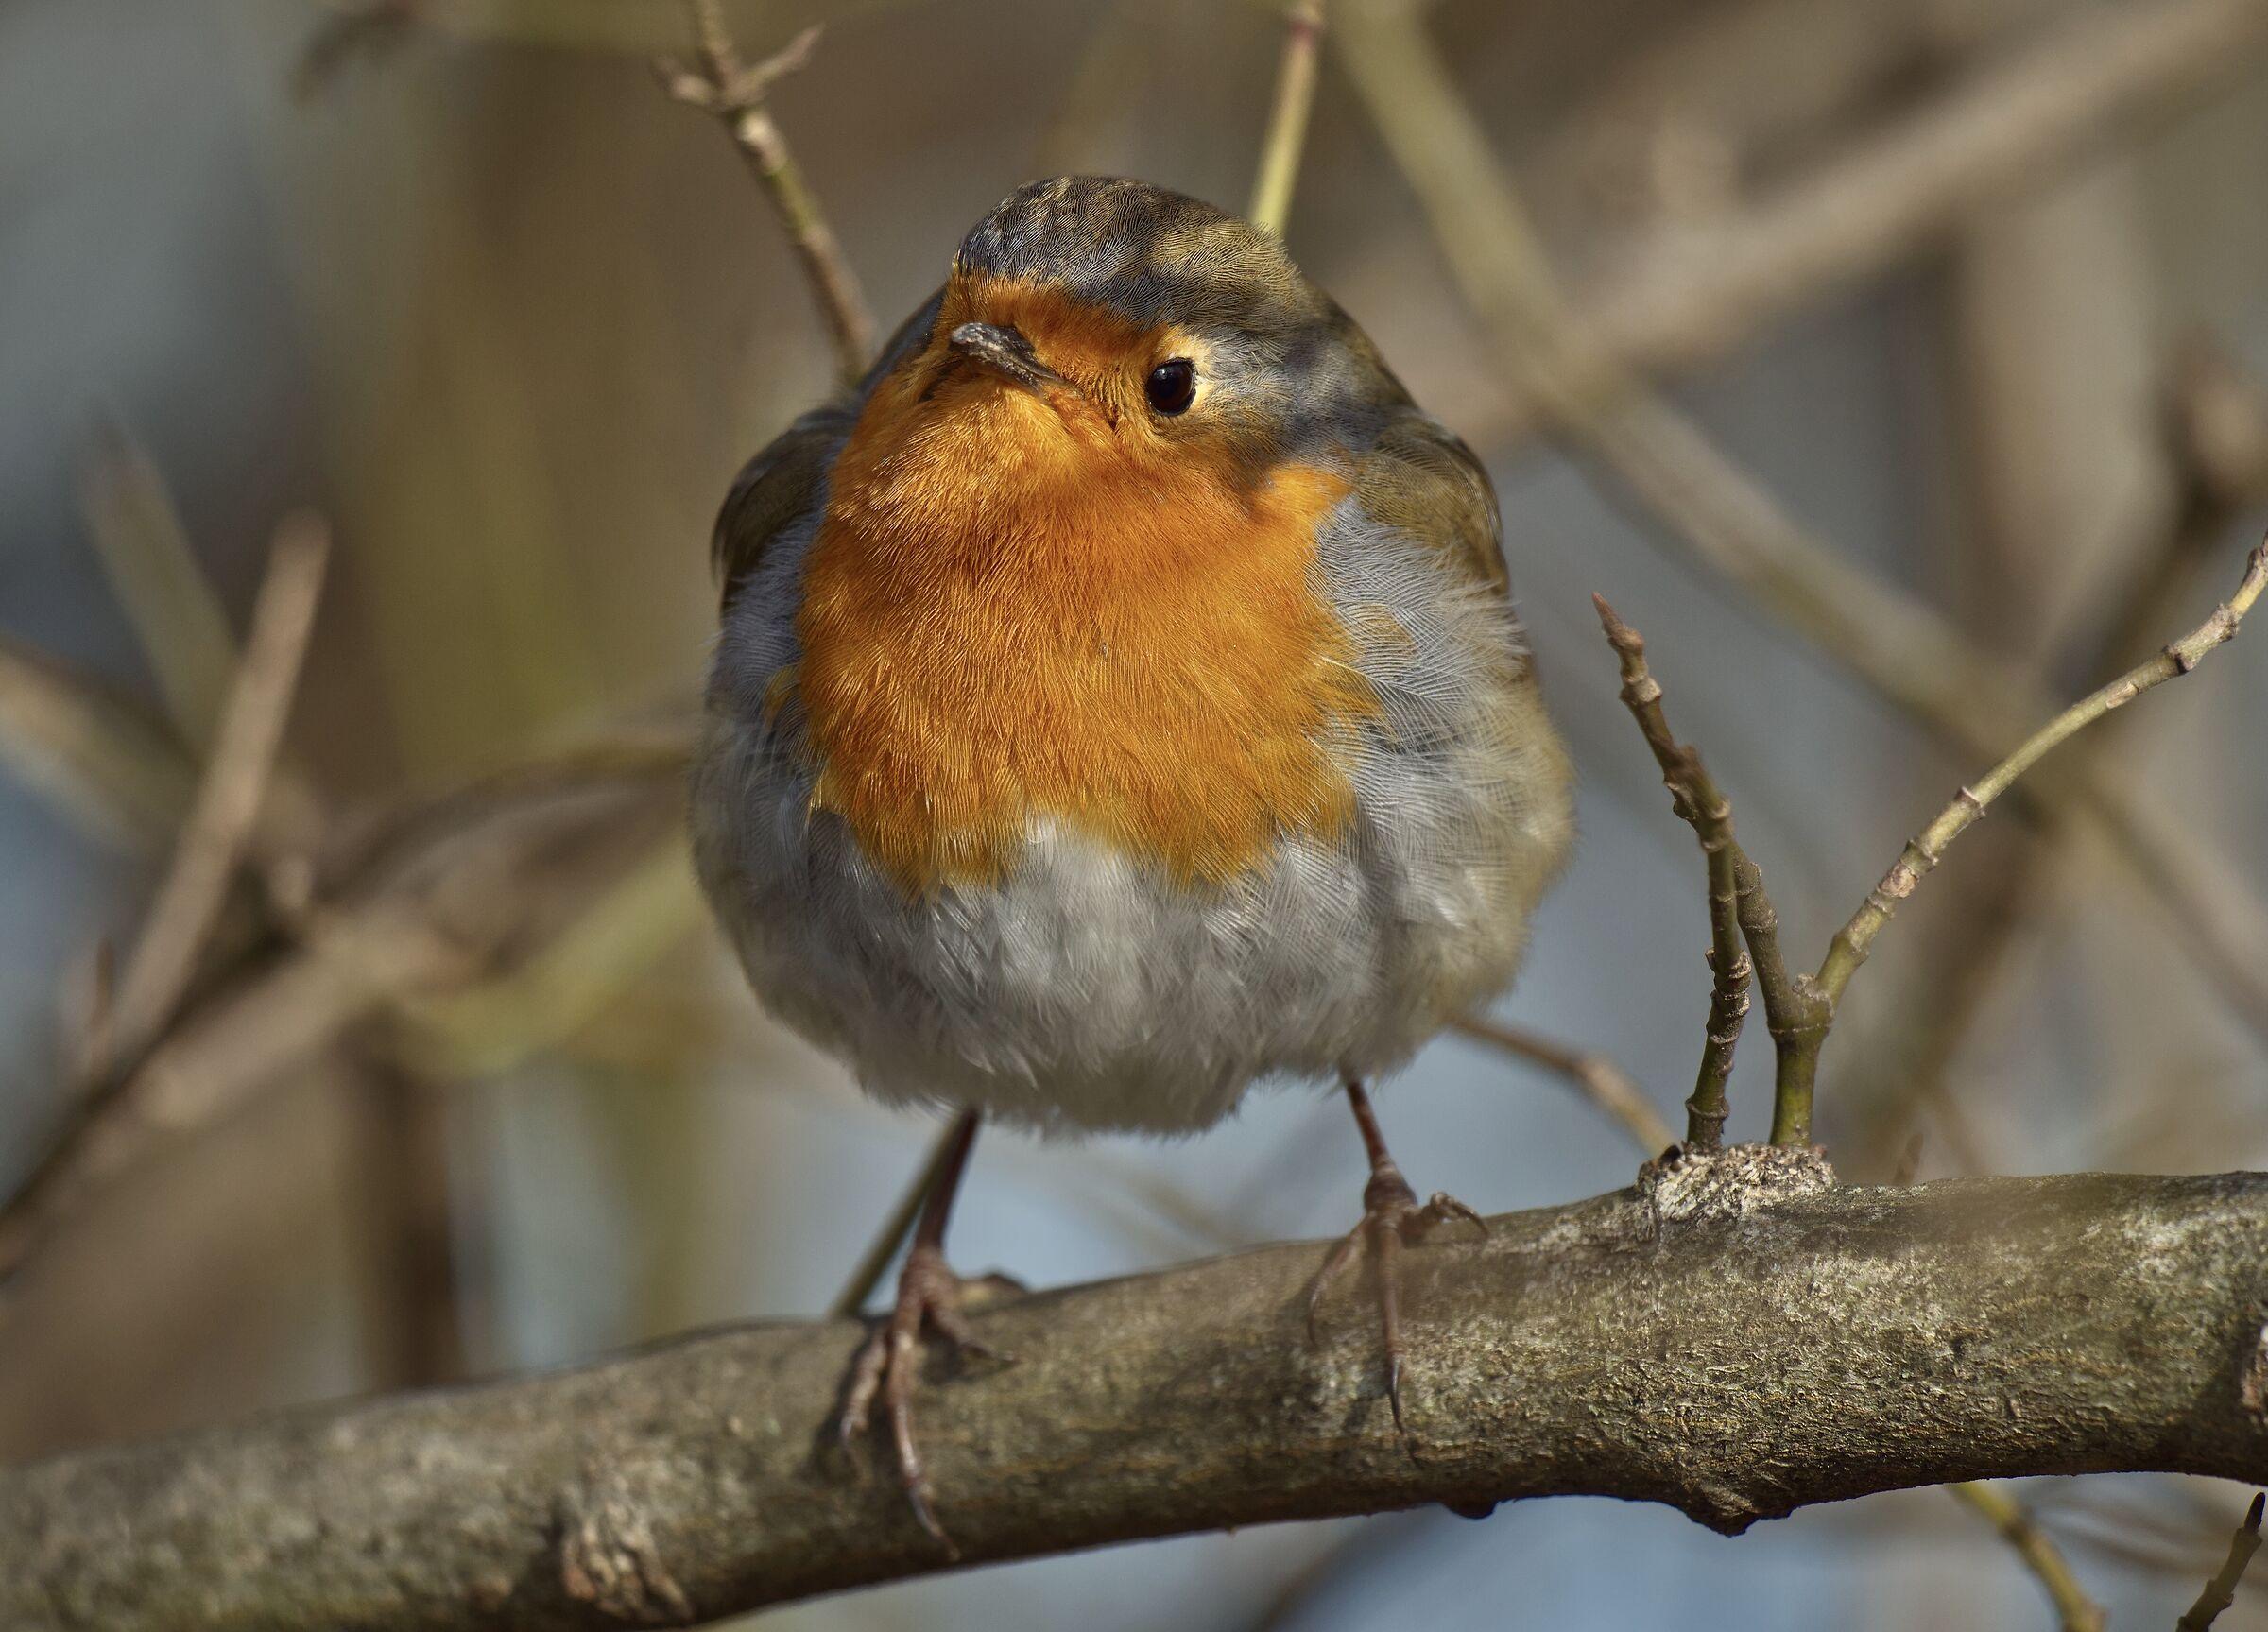 The chubby robin...